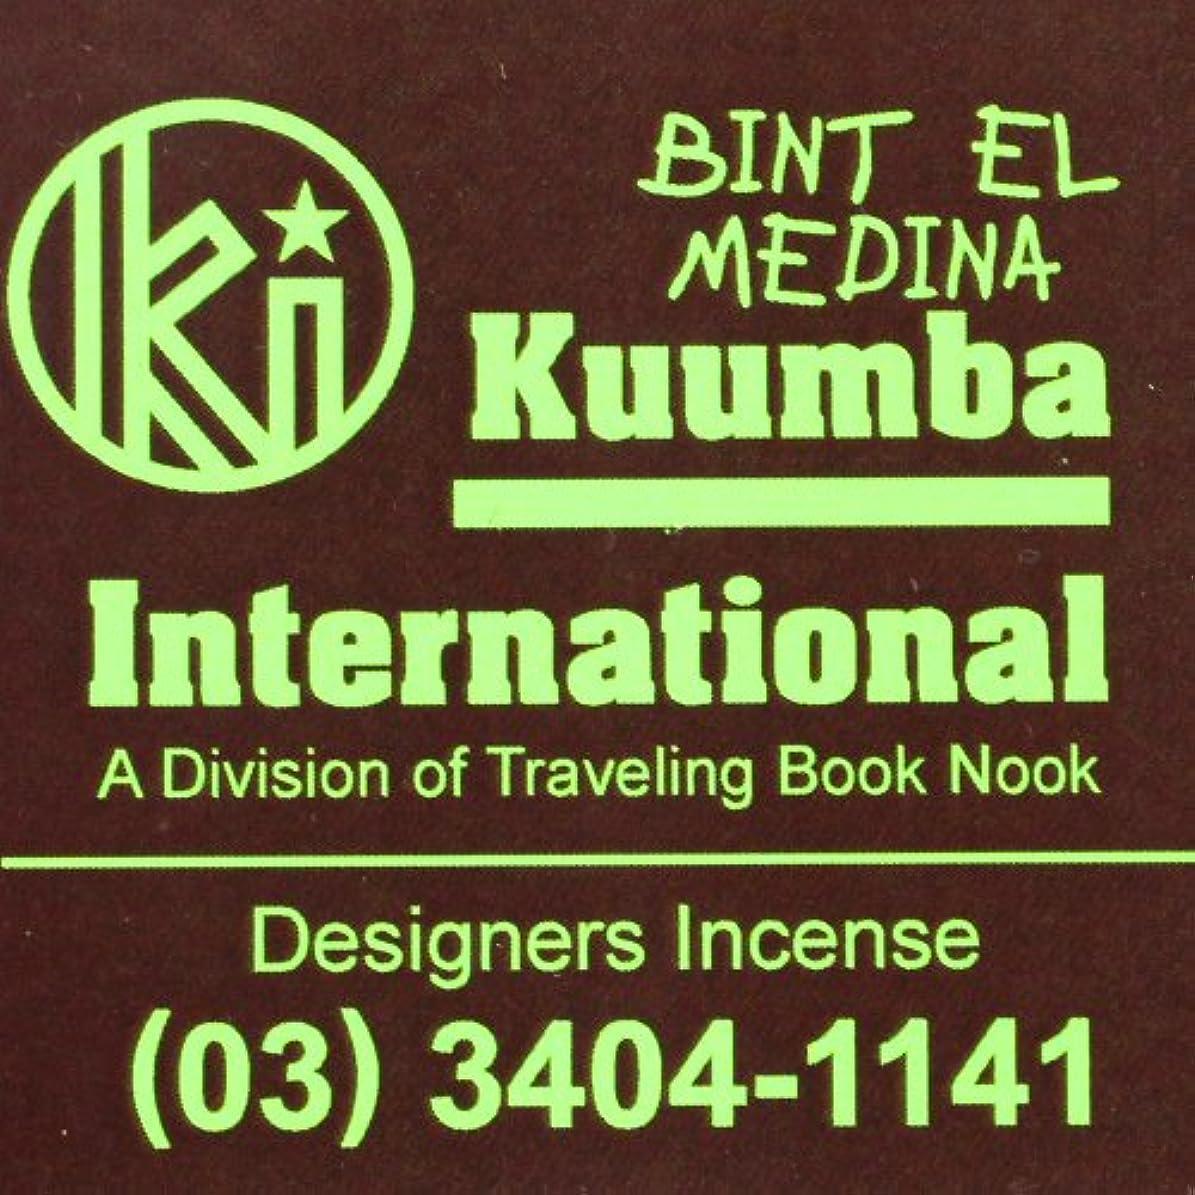 成功異形反対に(クンバ) KUUMBA『classic regular incense』(BINT EL MEDINA) (Regular size)